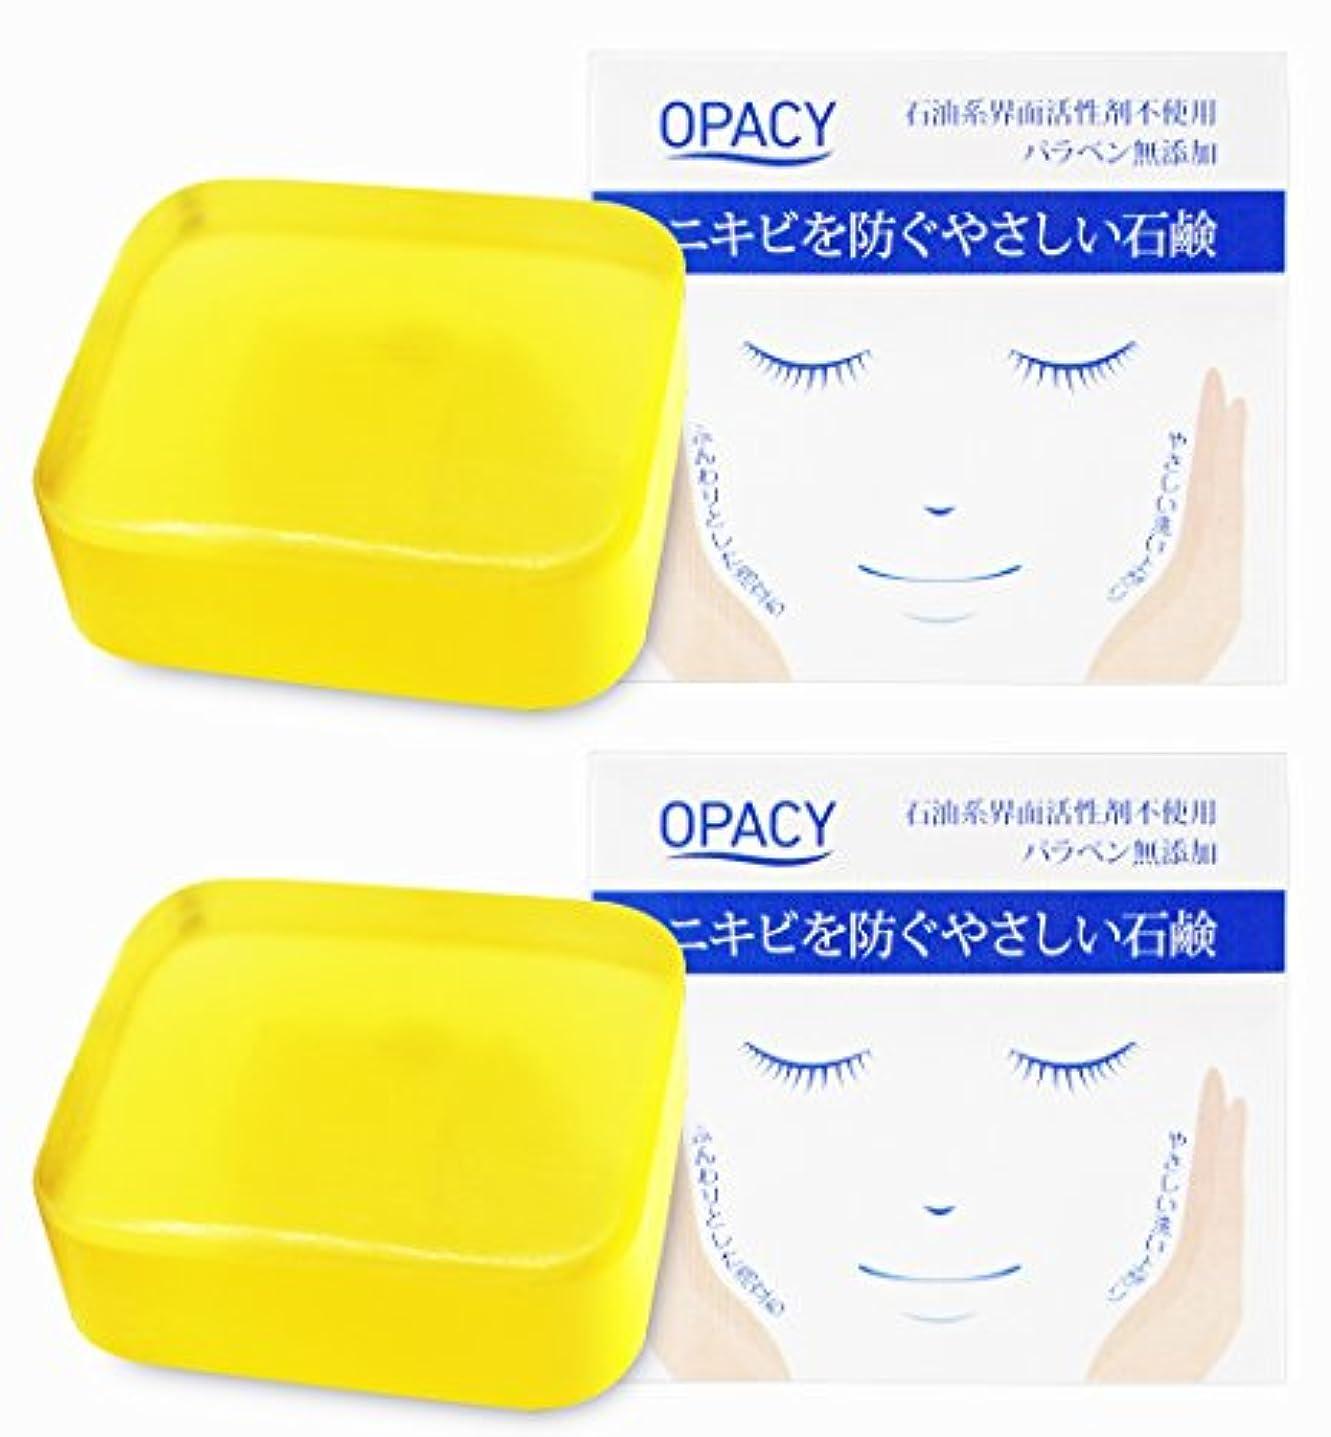 スカイ満足させる冒険【2個セット】オパシー石鹸100g (2個)